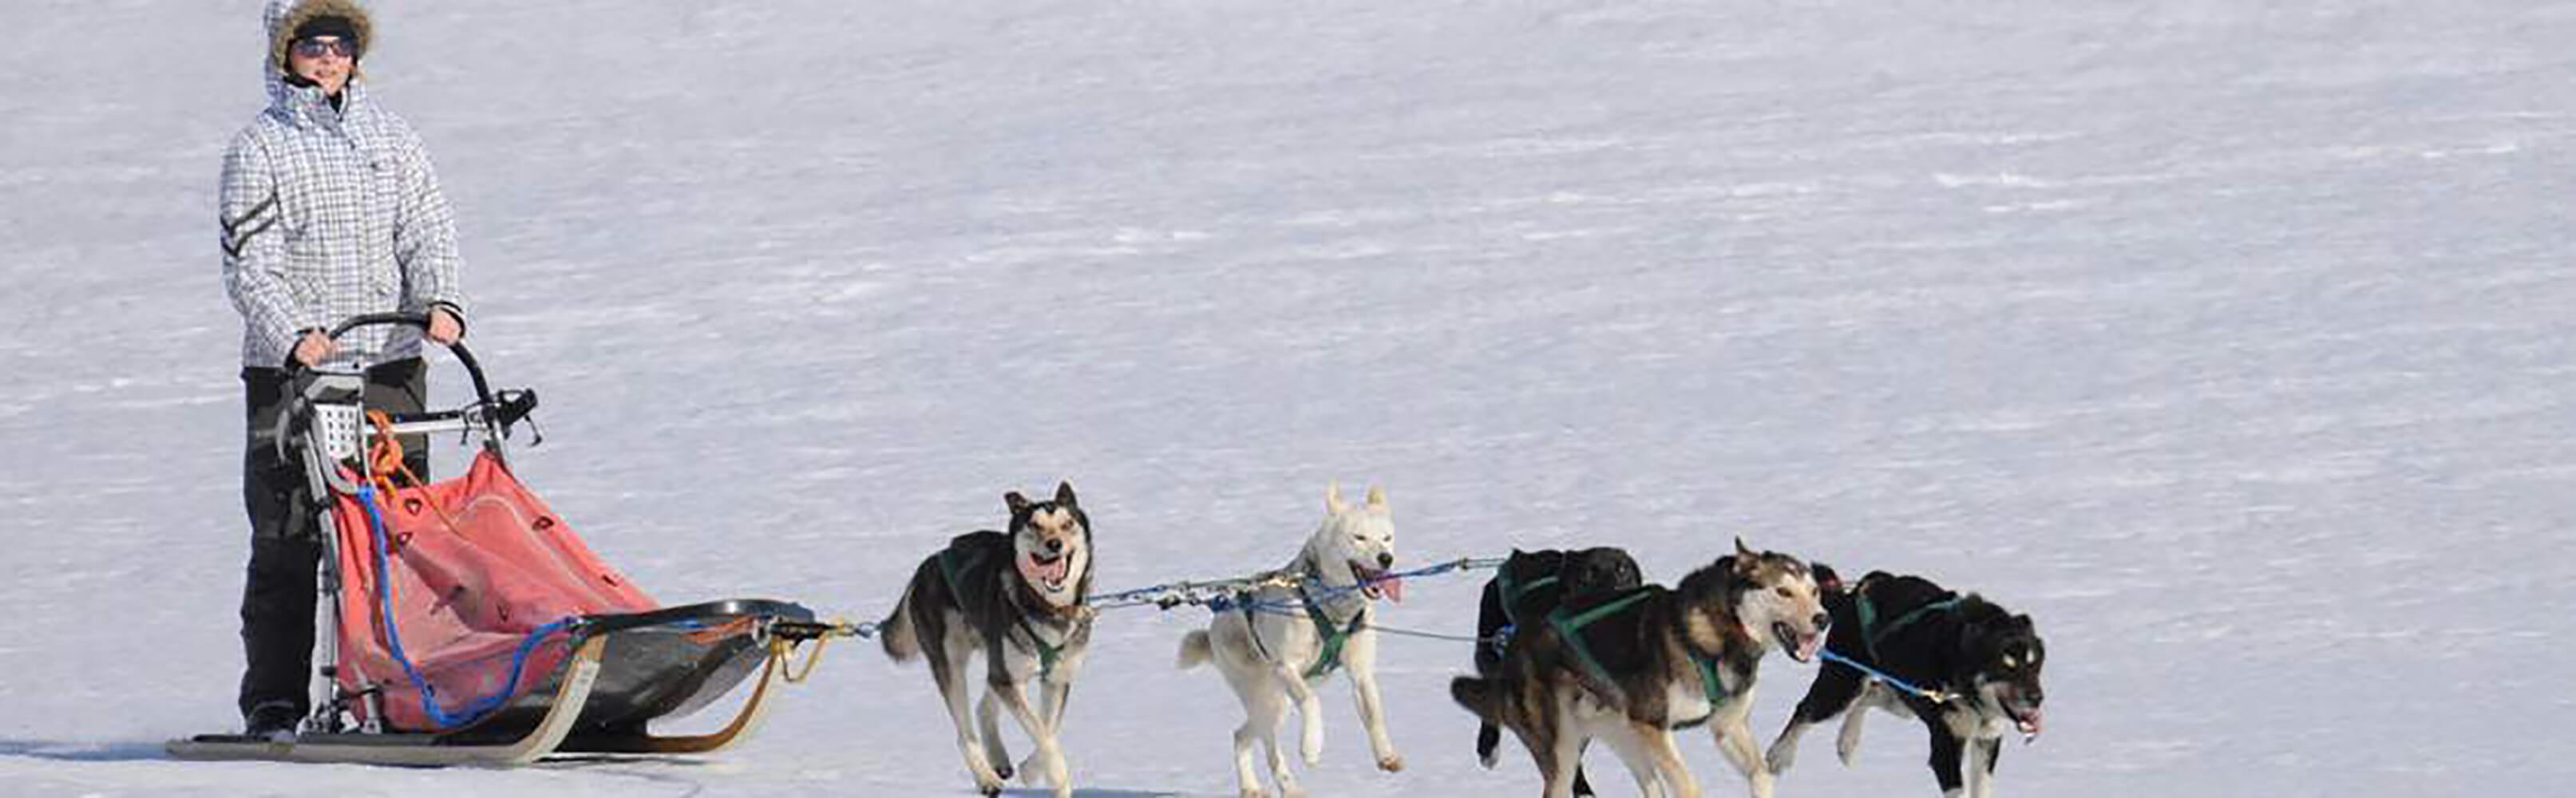 Huskystaff - Schlittenhunde Touren in der Ostschweiz/GR 1